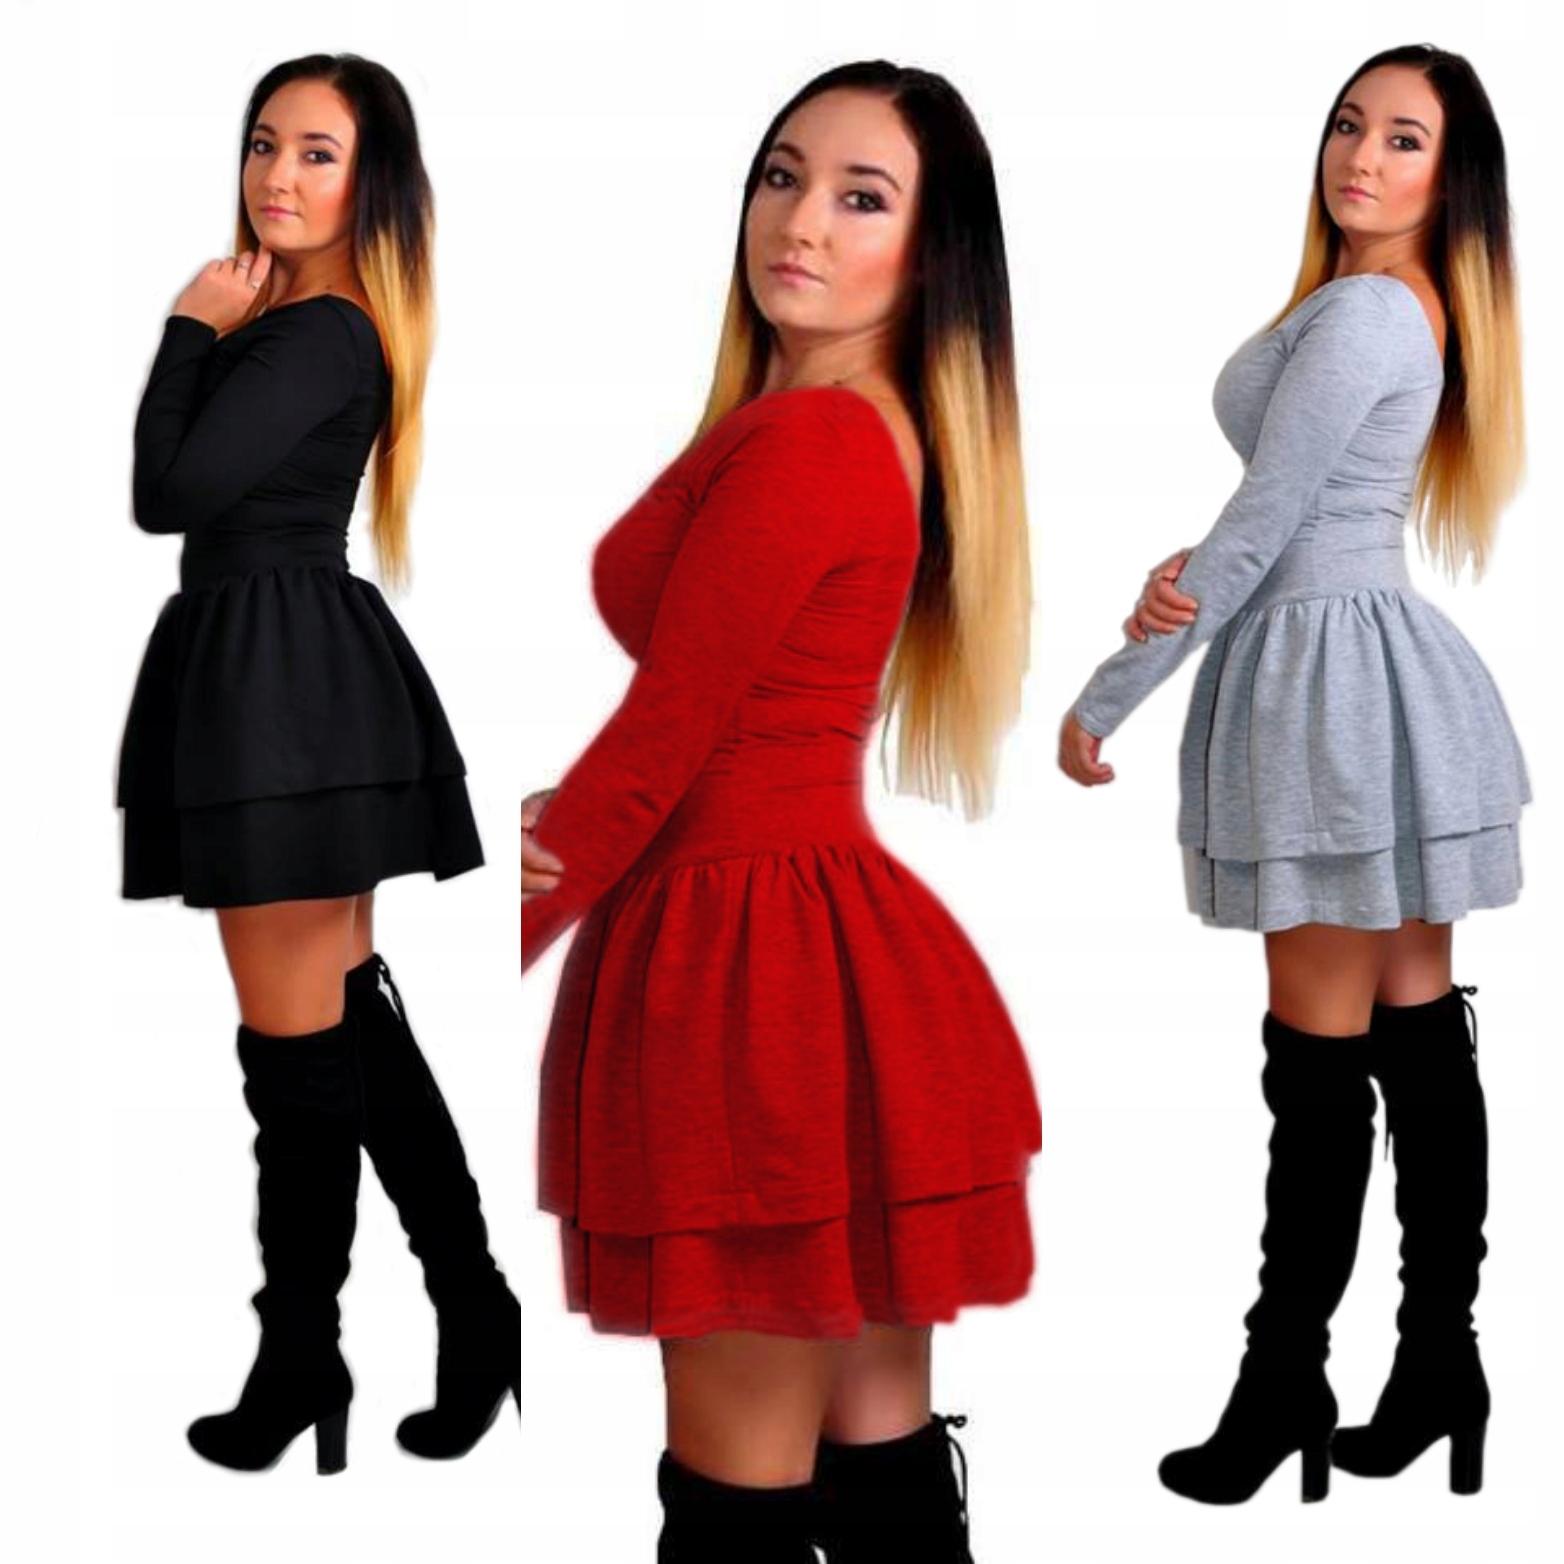 b9ca07948e Sukienka dresowa z Falbankami rękaw 2 kolory S M - 7047857774 ...